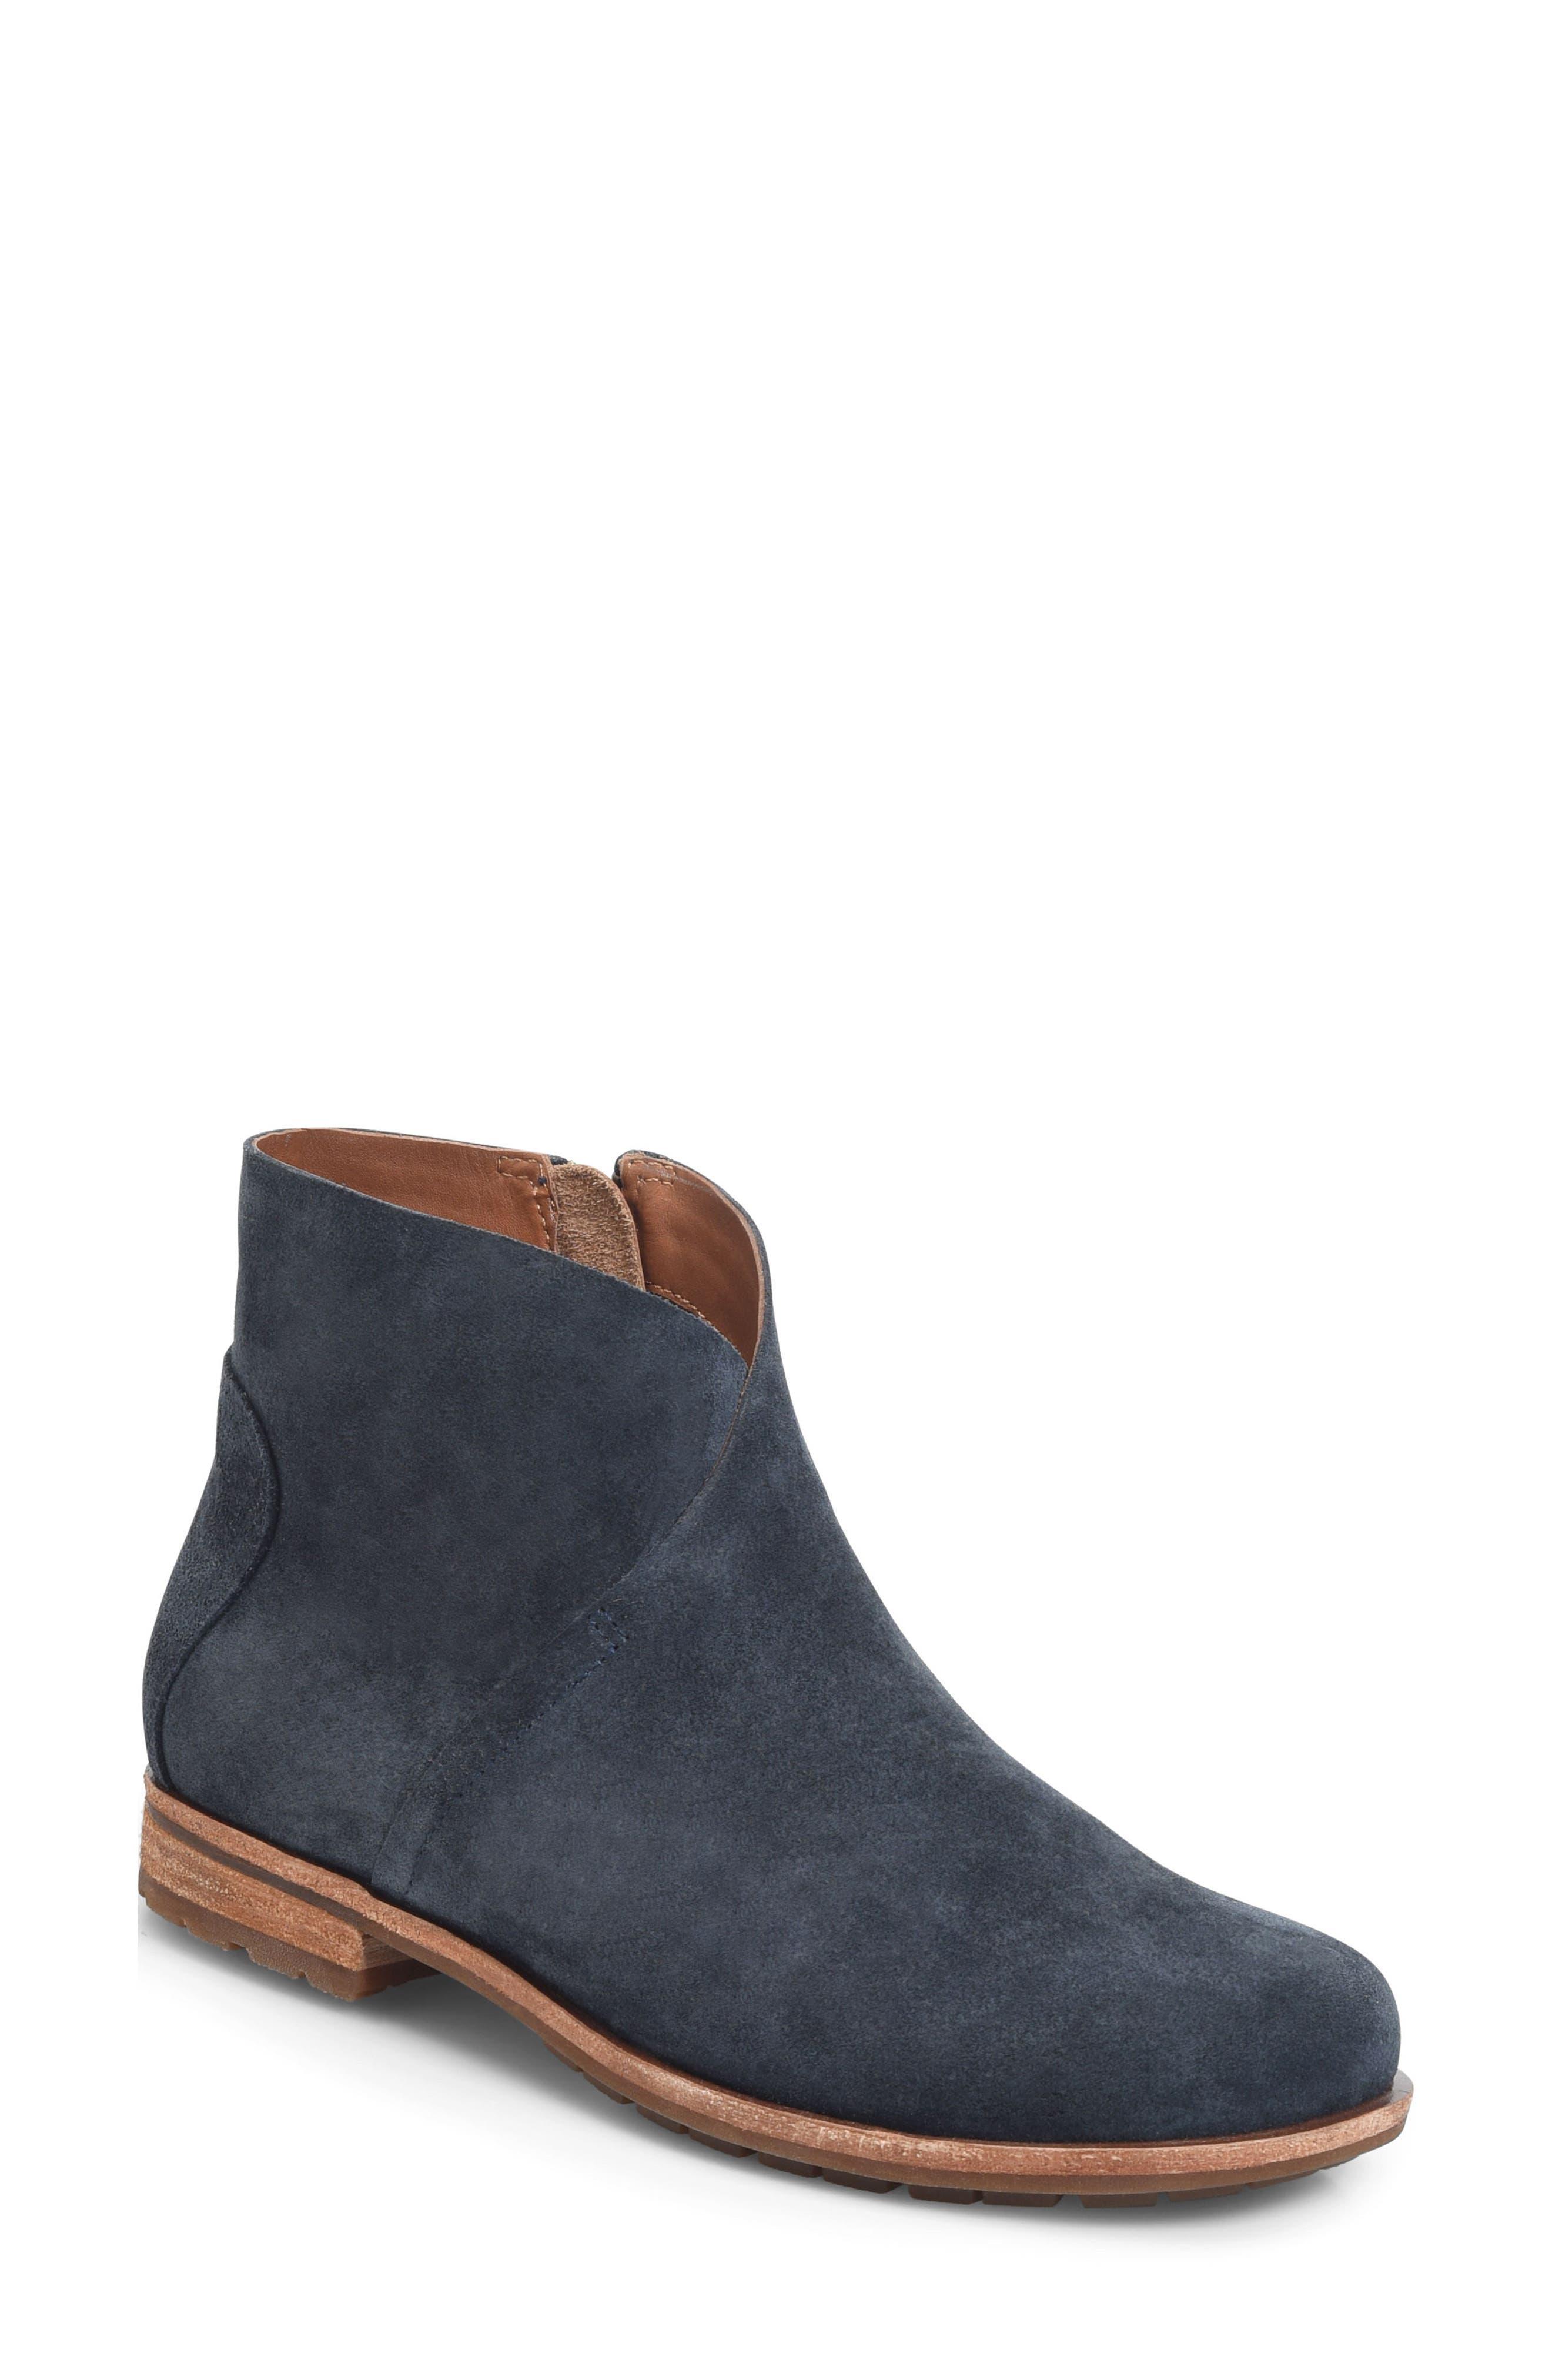 Alternate Image 1 Selected - Kork-Ease® Balsa Boot (Women)